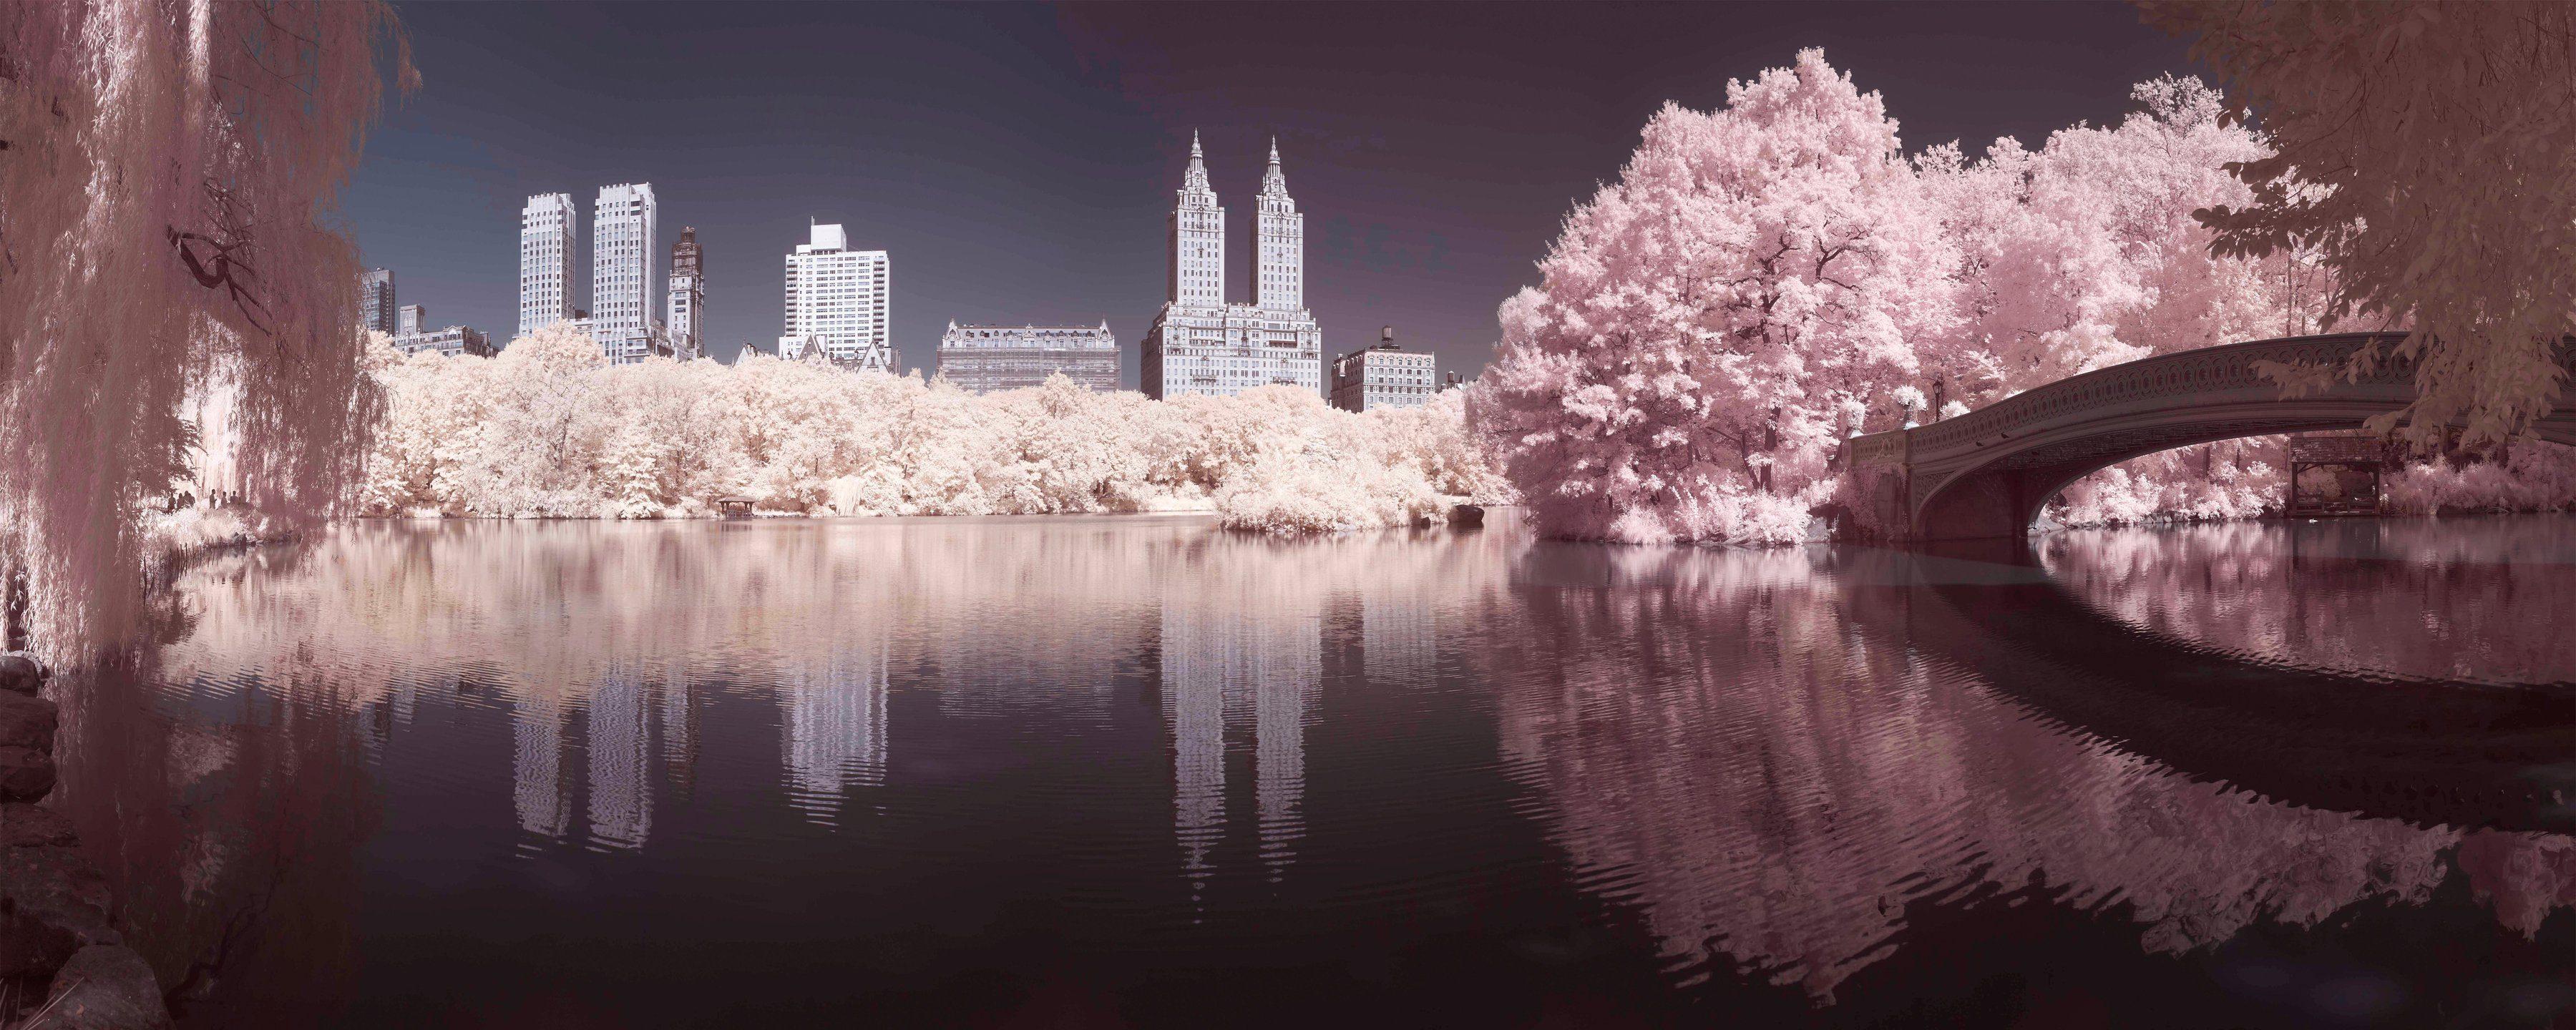 Leinwandbild »Central Park«